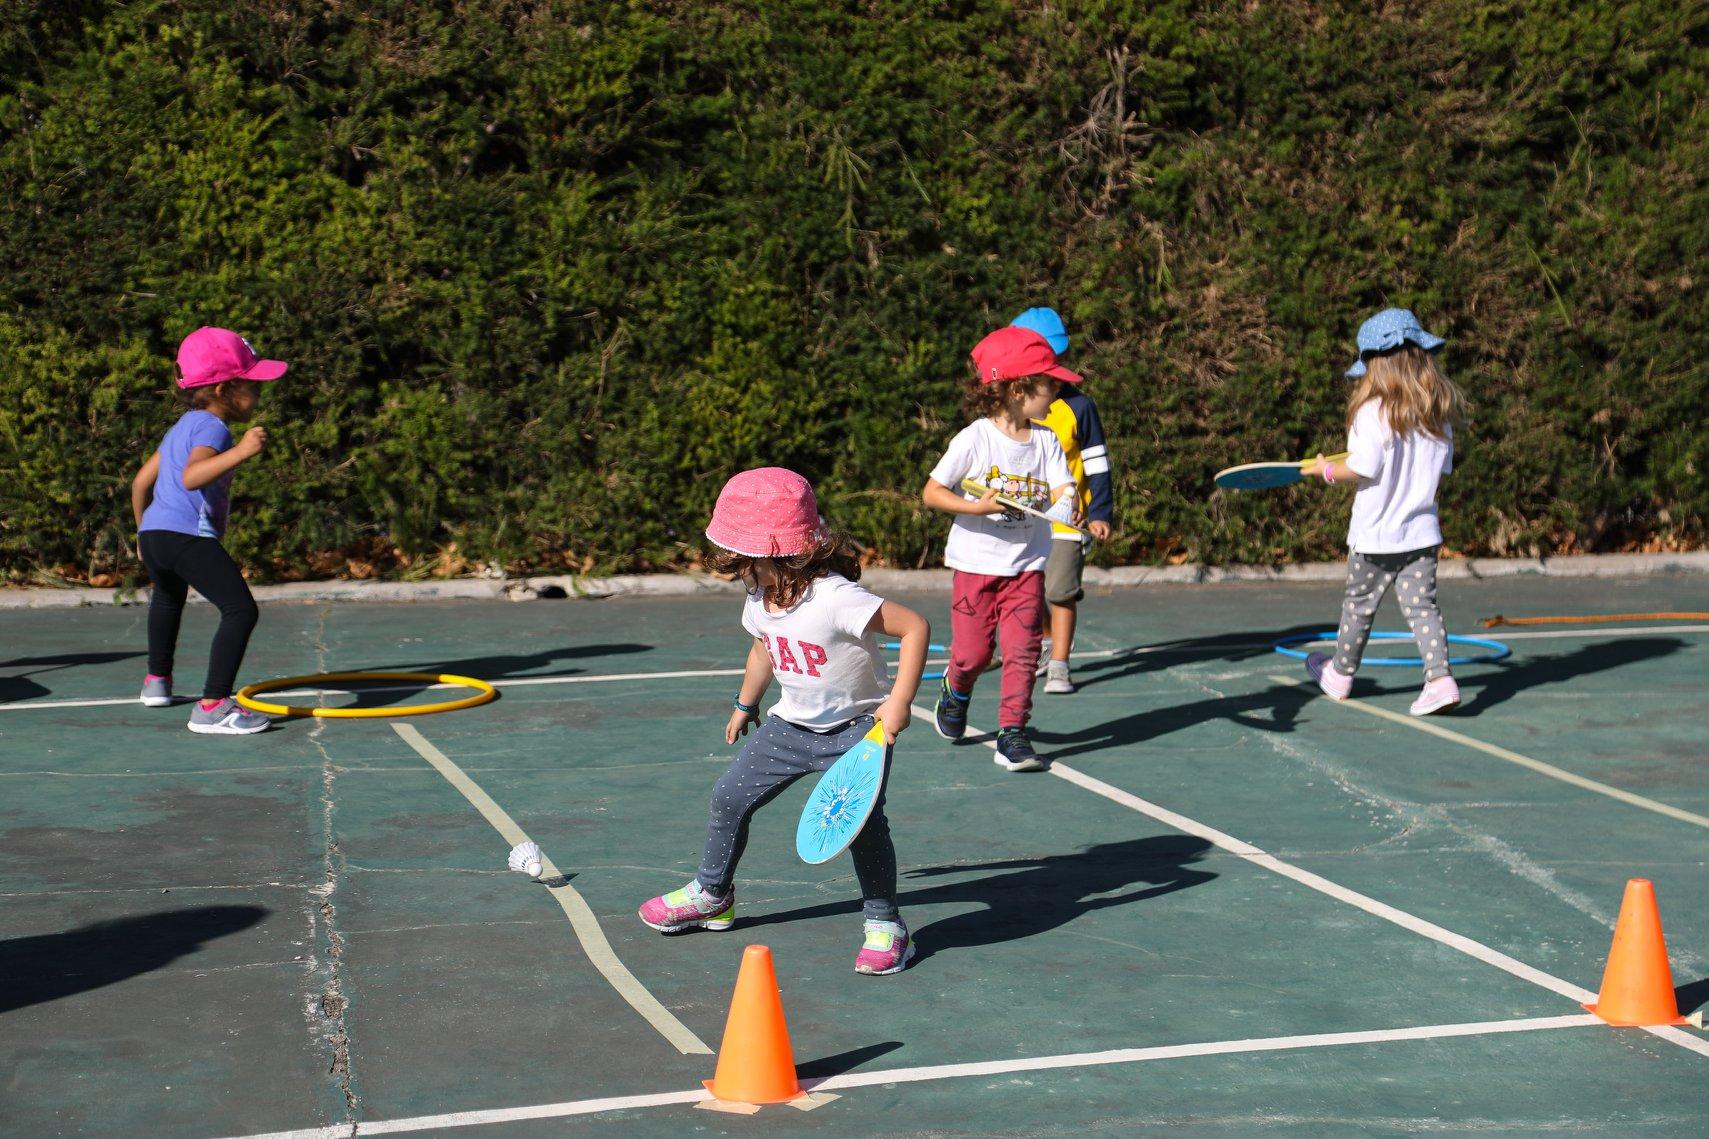 crianças a jogar com raquetes